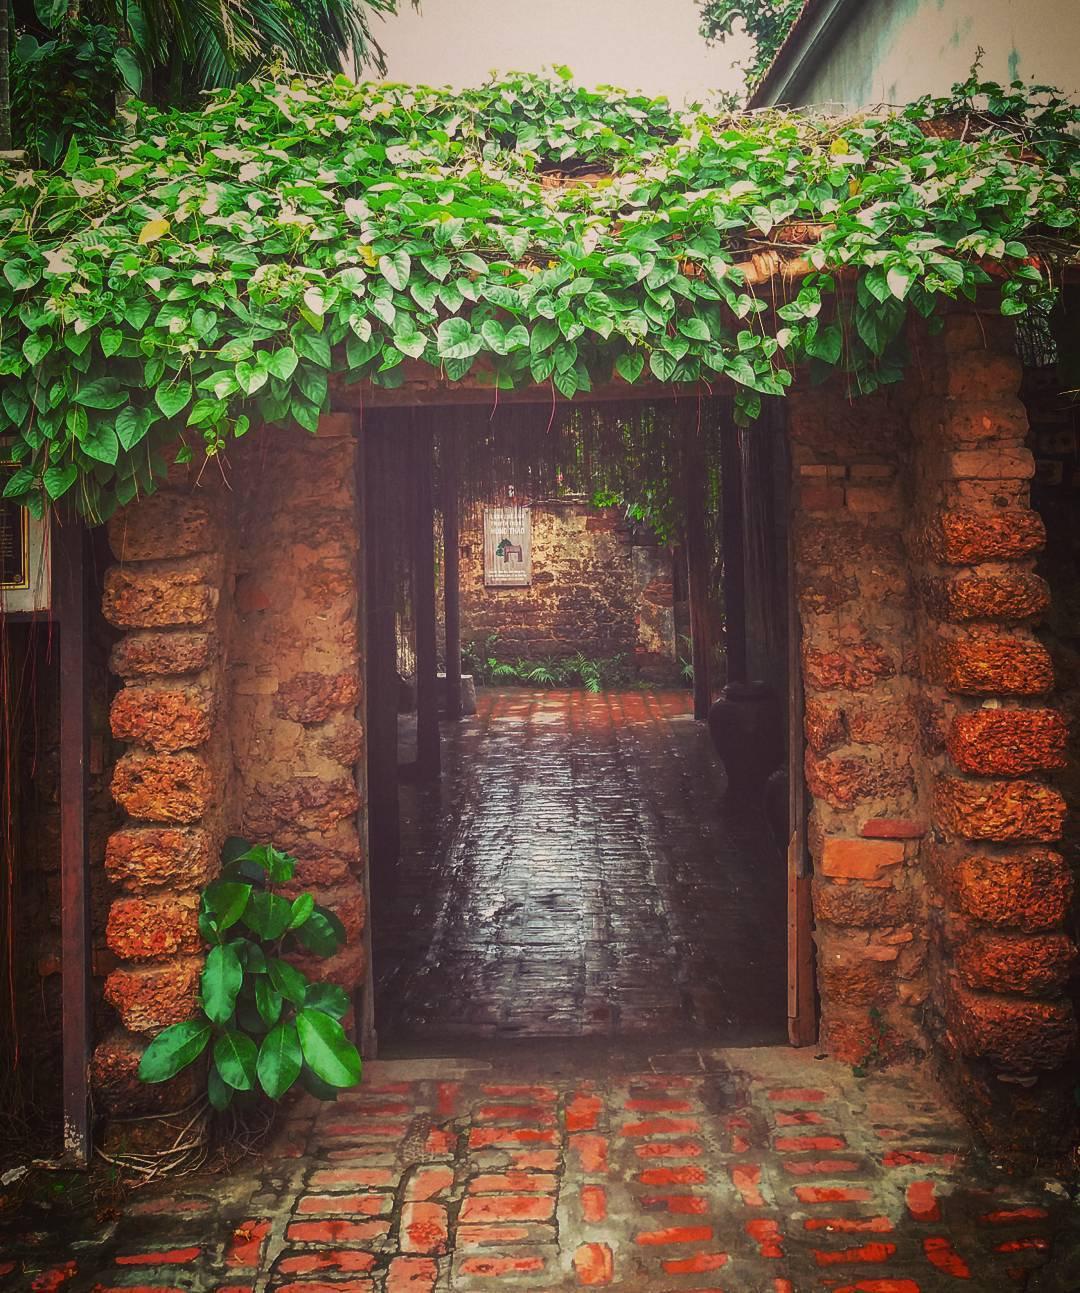 Ngôi nhà cổ của ông Nguyễn Văn Hùng với cổng xưa rợp bóng cây tơ hồng